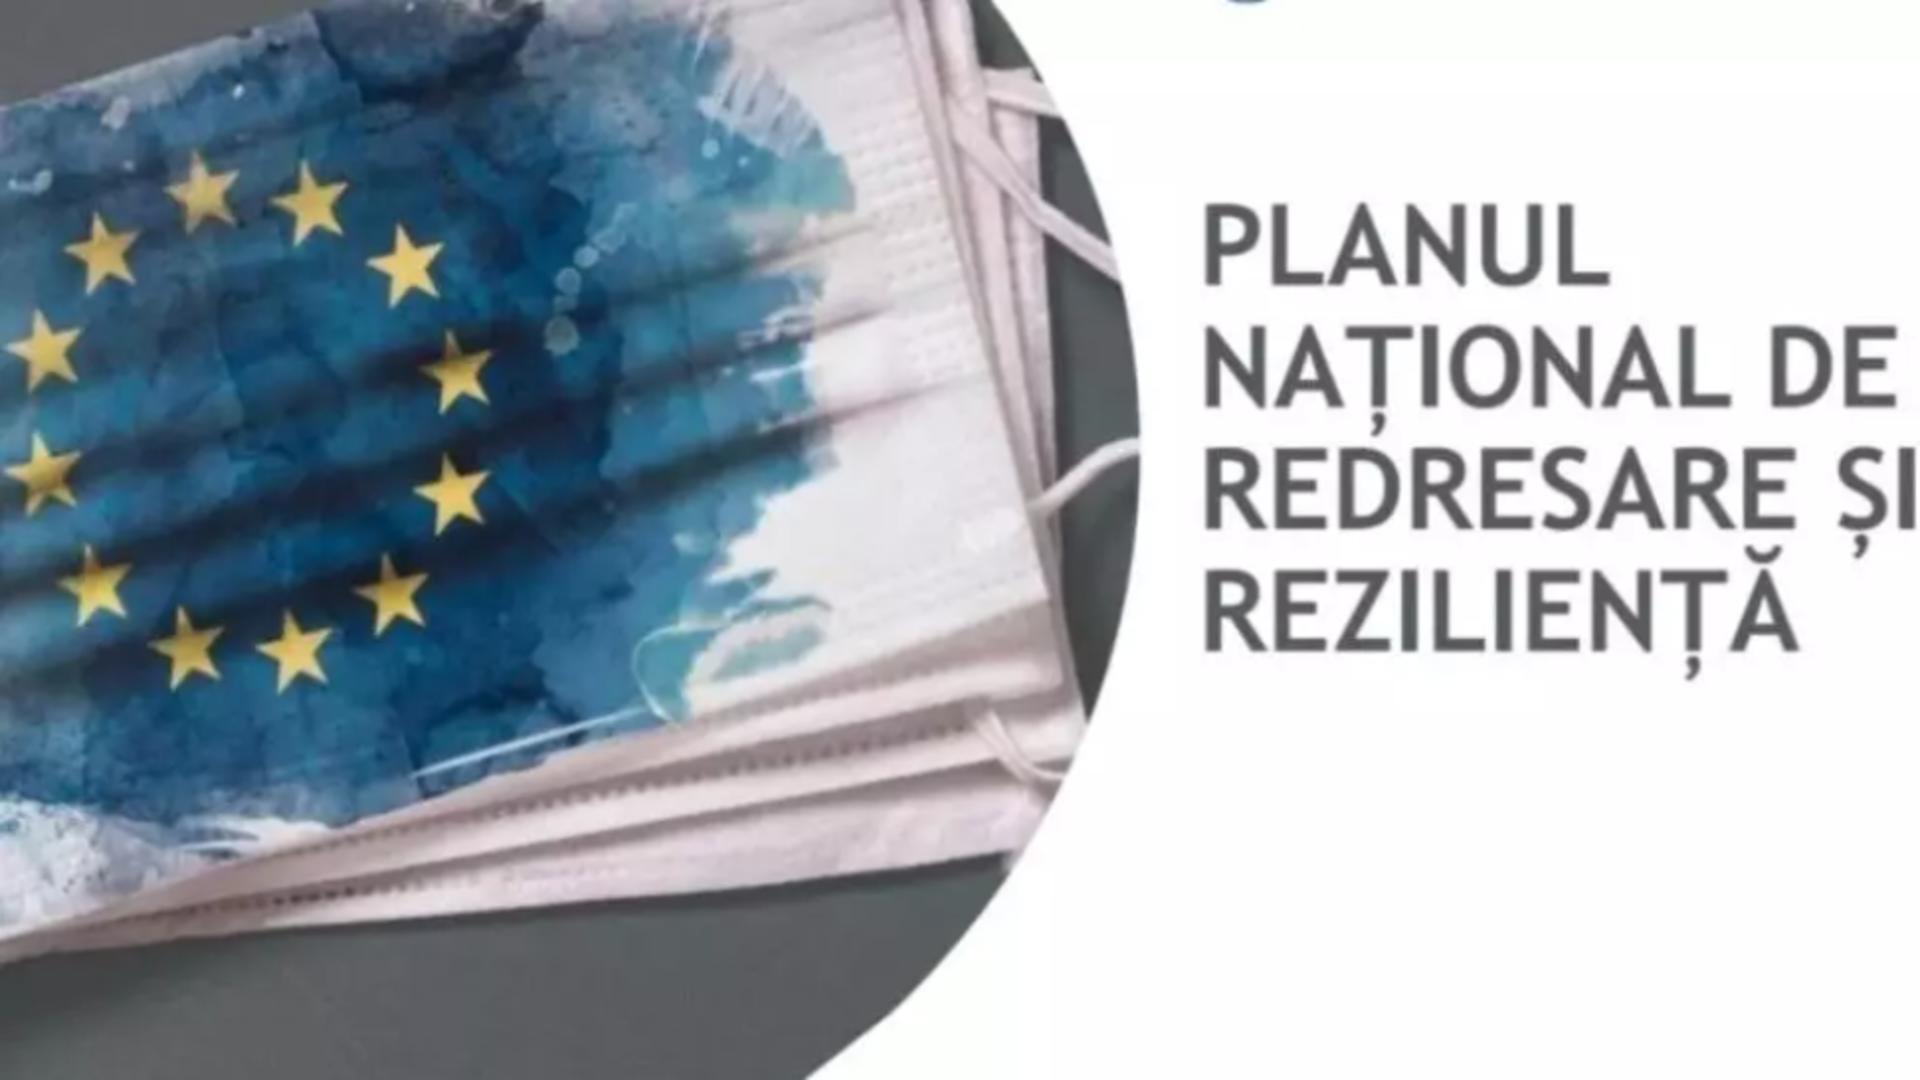 Planul National de Redresare si Reziliență